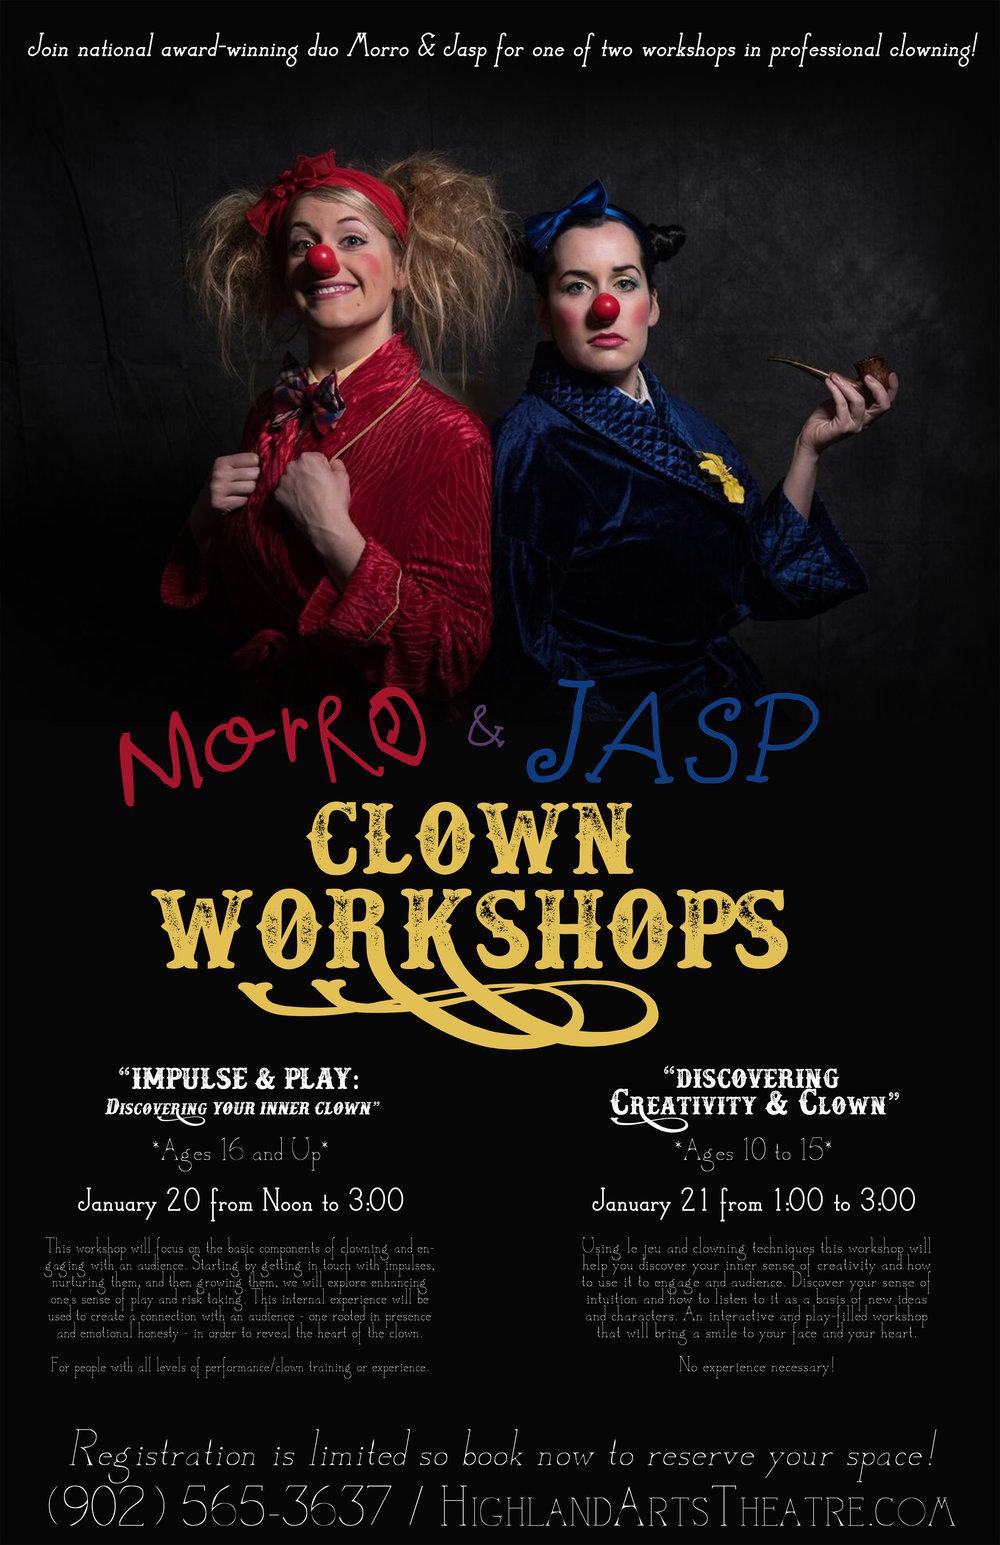 Morro&JaspWorkshops_POSTER2.jpg